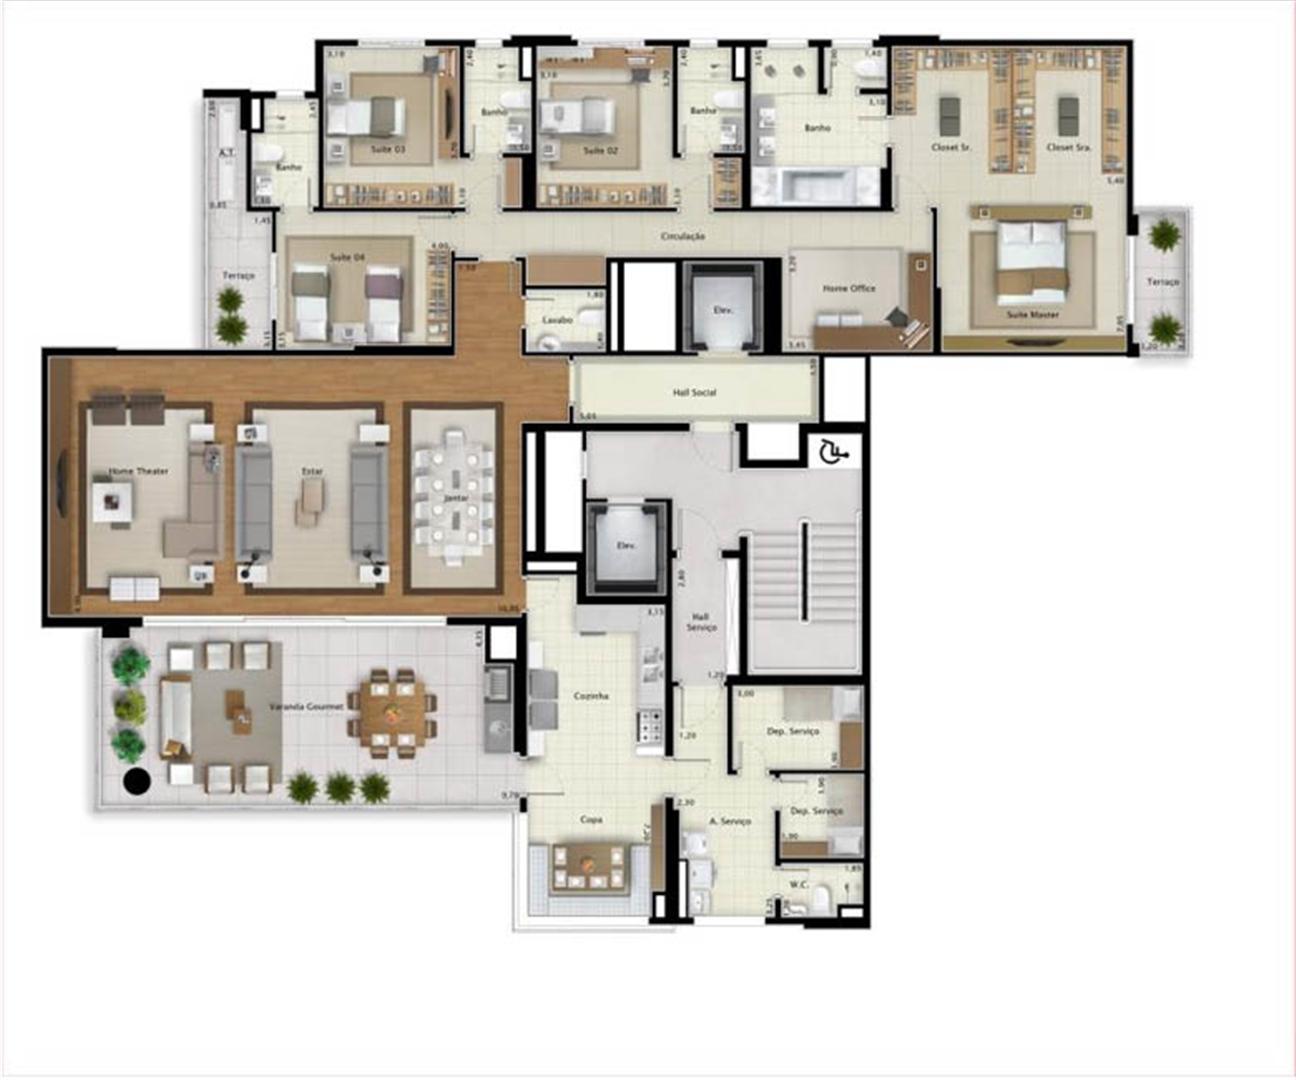 Apartamento Double View 323 m² (par) | Mirage Bay – Apartamento em  Umarizal  - Belém - Pará